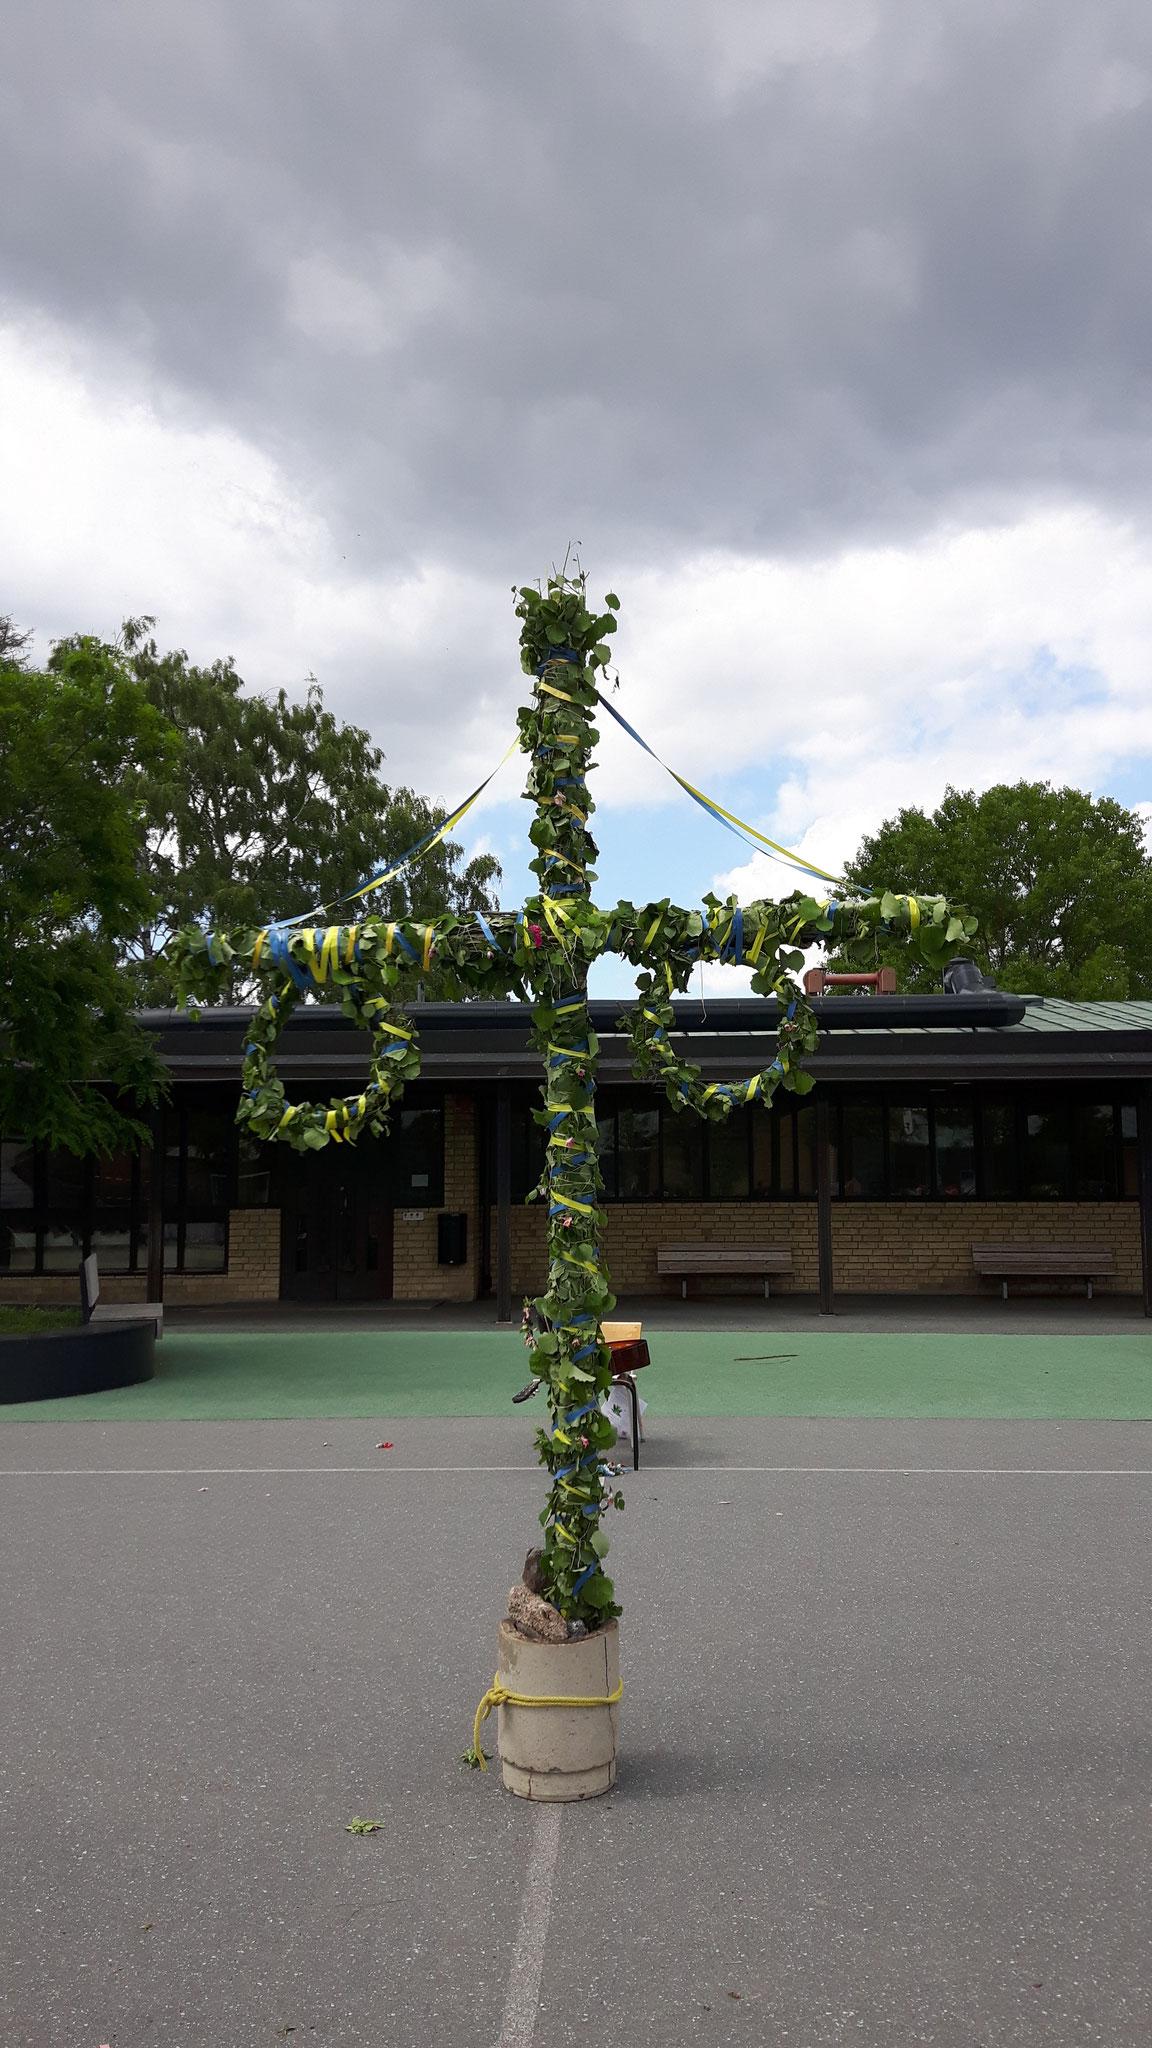 Midsommerbaum im Hof der St. Eriks Skola